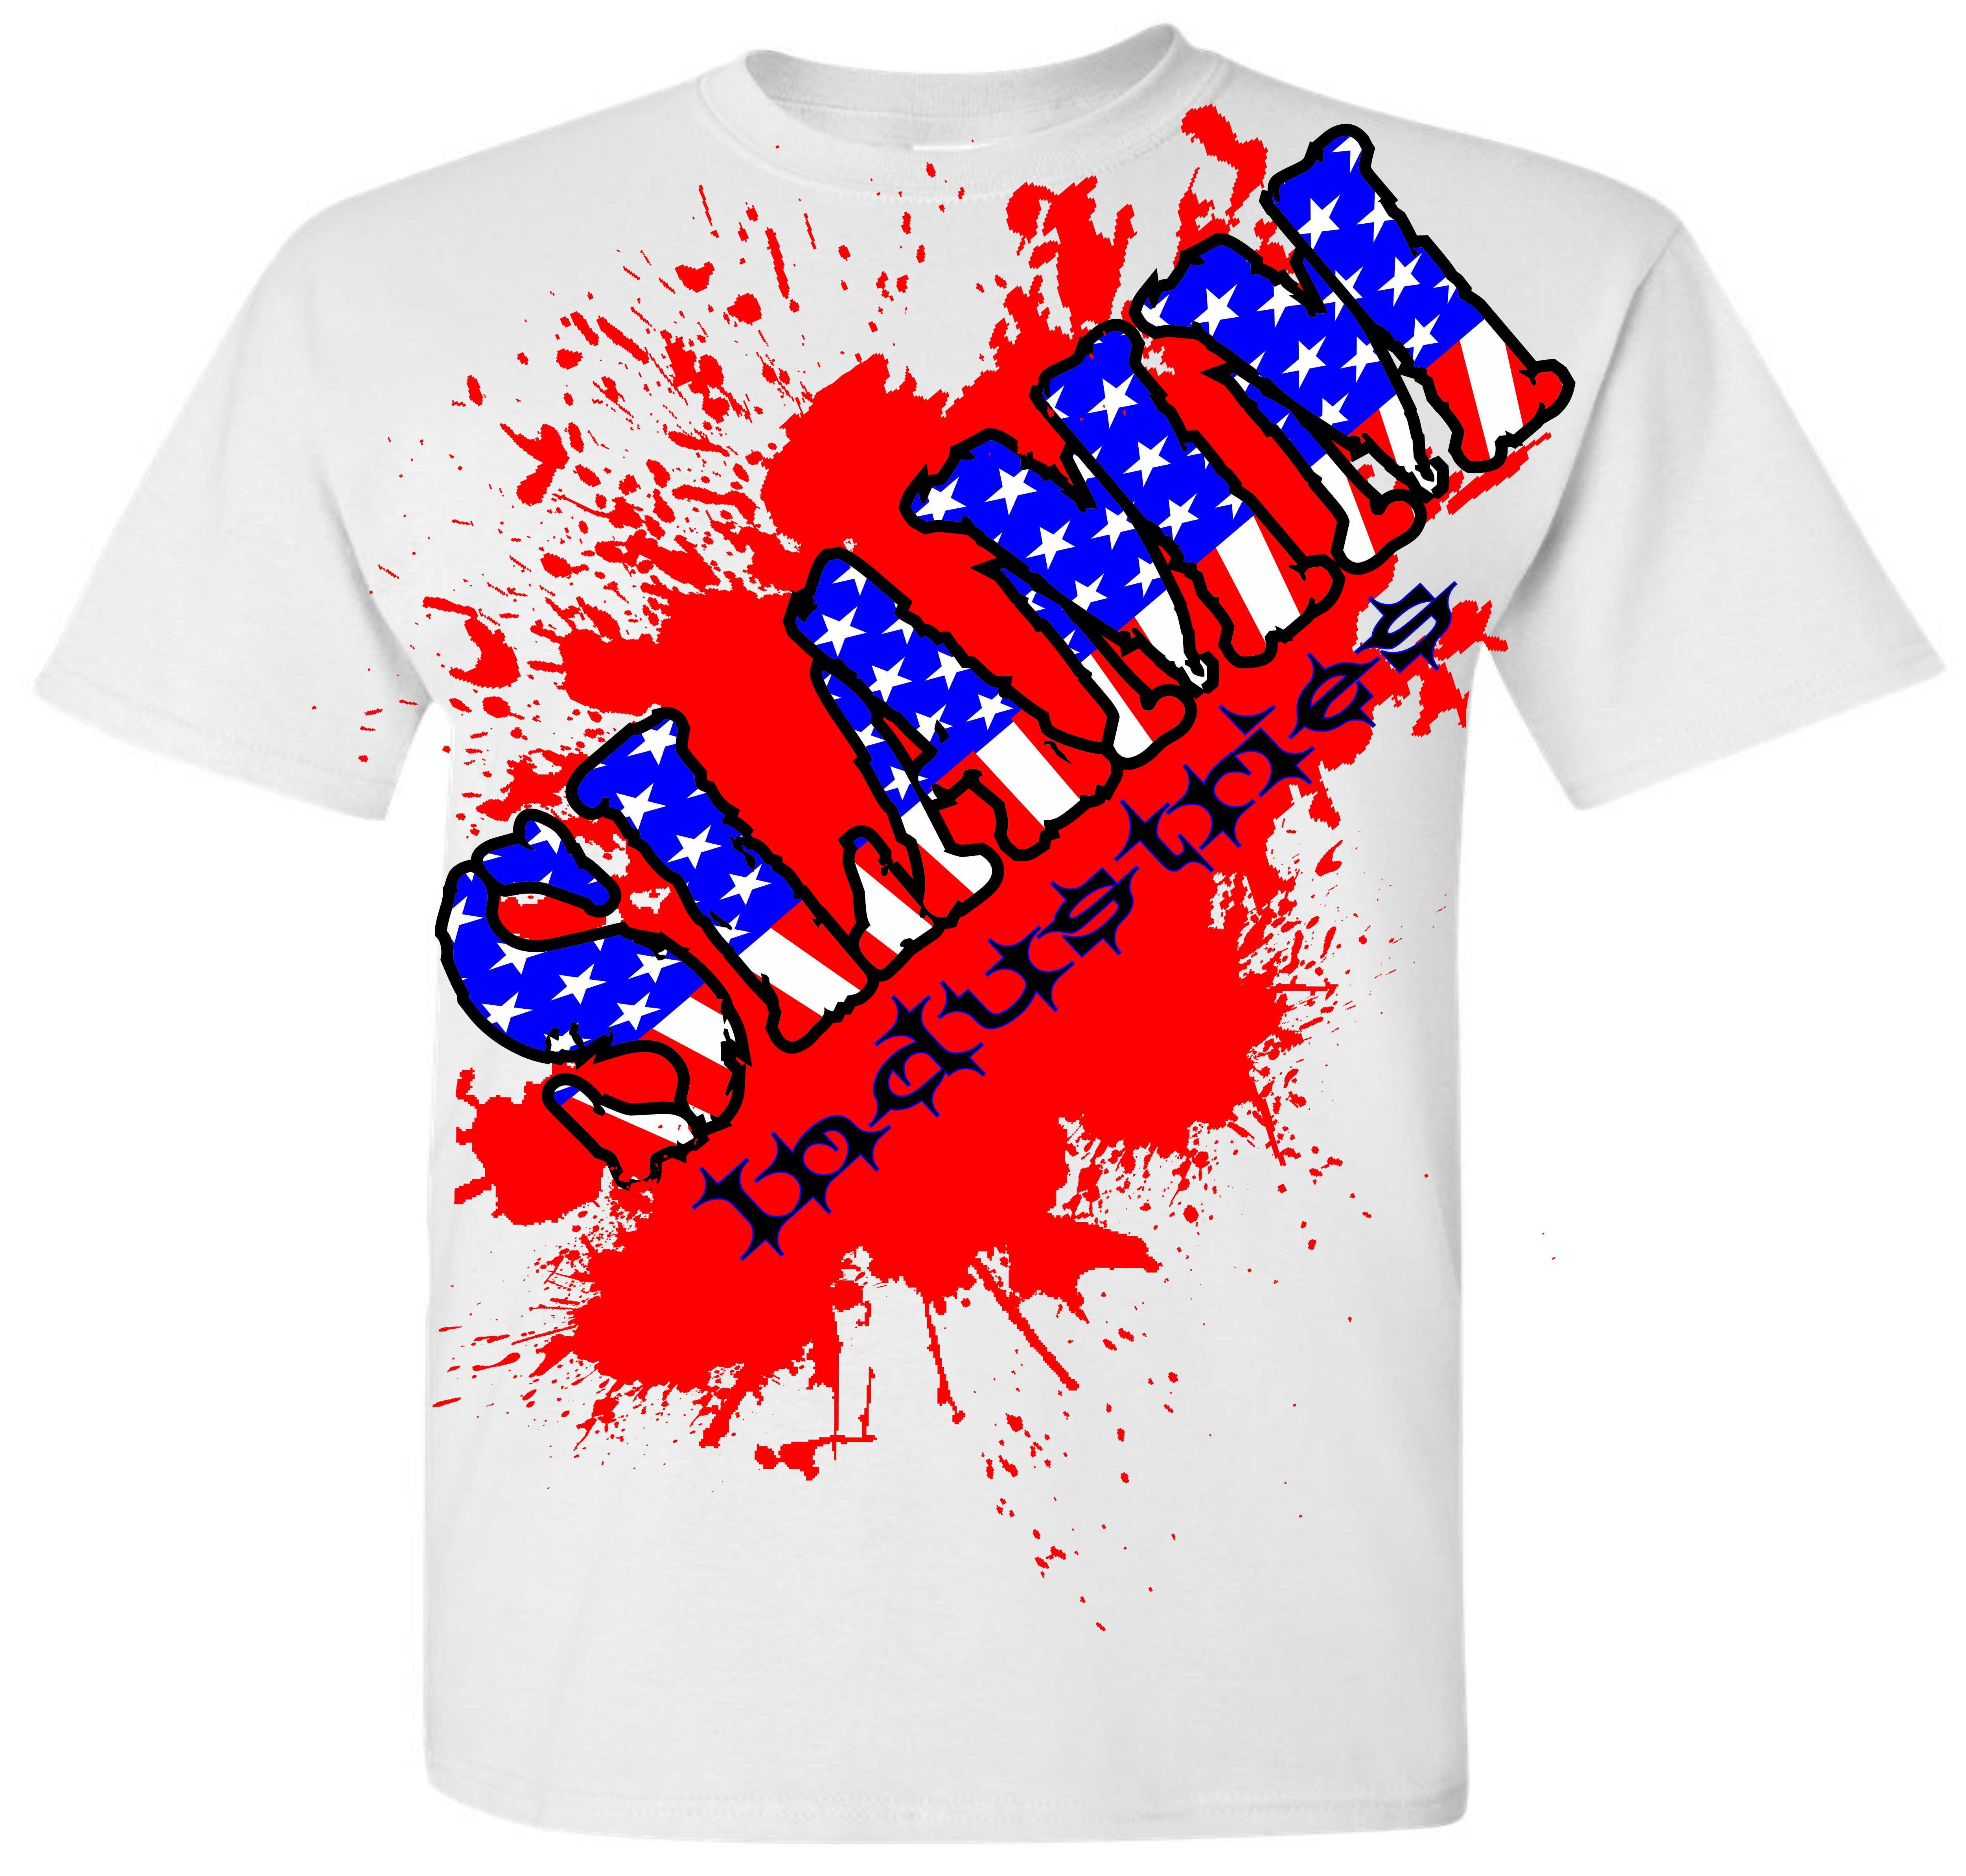 SLAMM_USA__SI__202